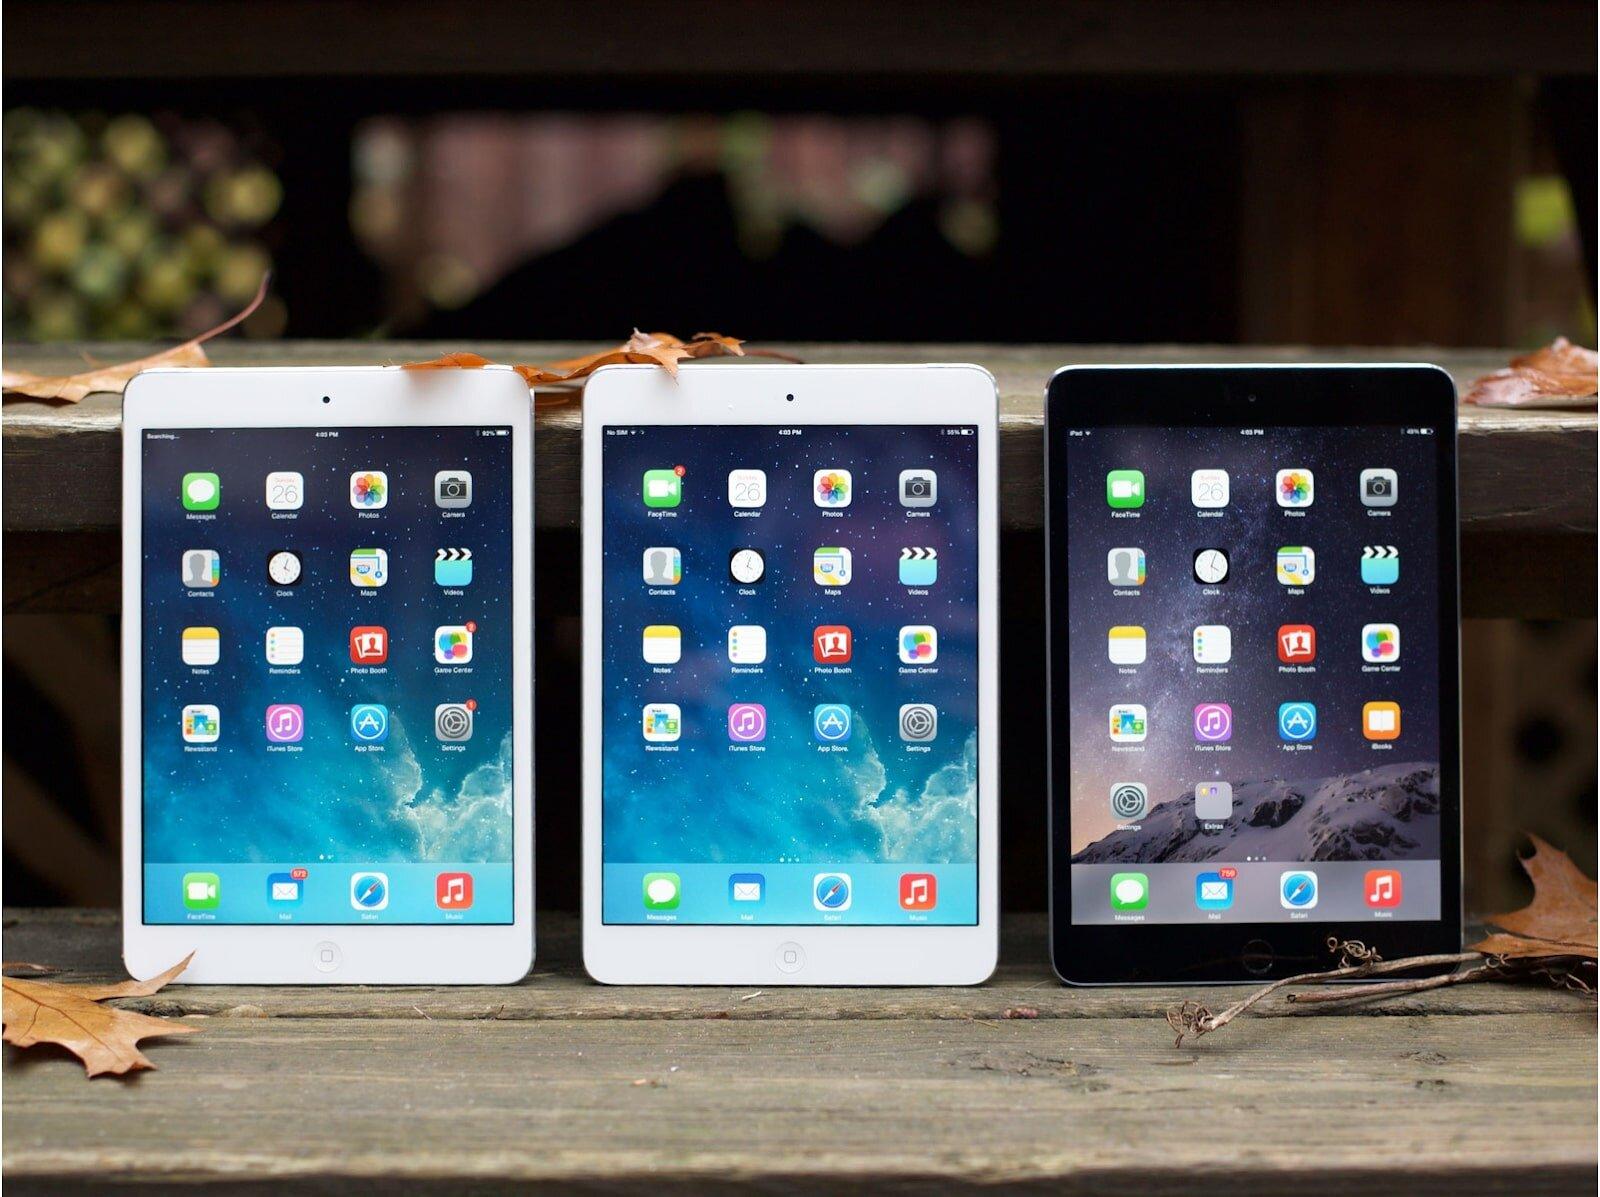 iPad mini 3 4G đã có những nâng cấp cơ bản về thiết kế và cấu hình so với các thế hệ trước.